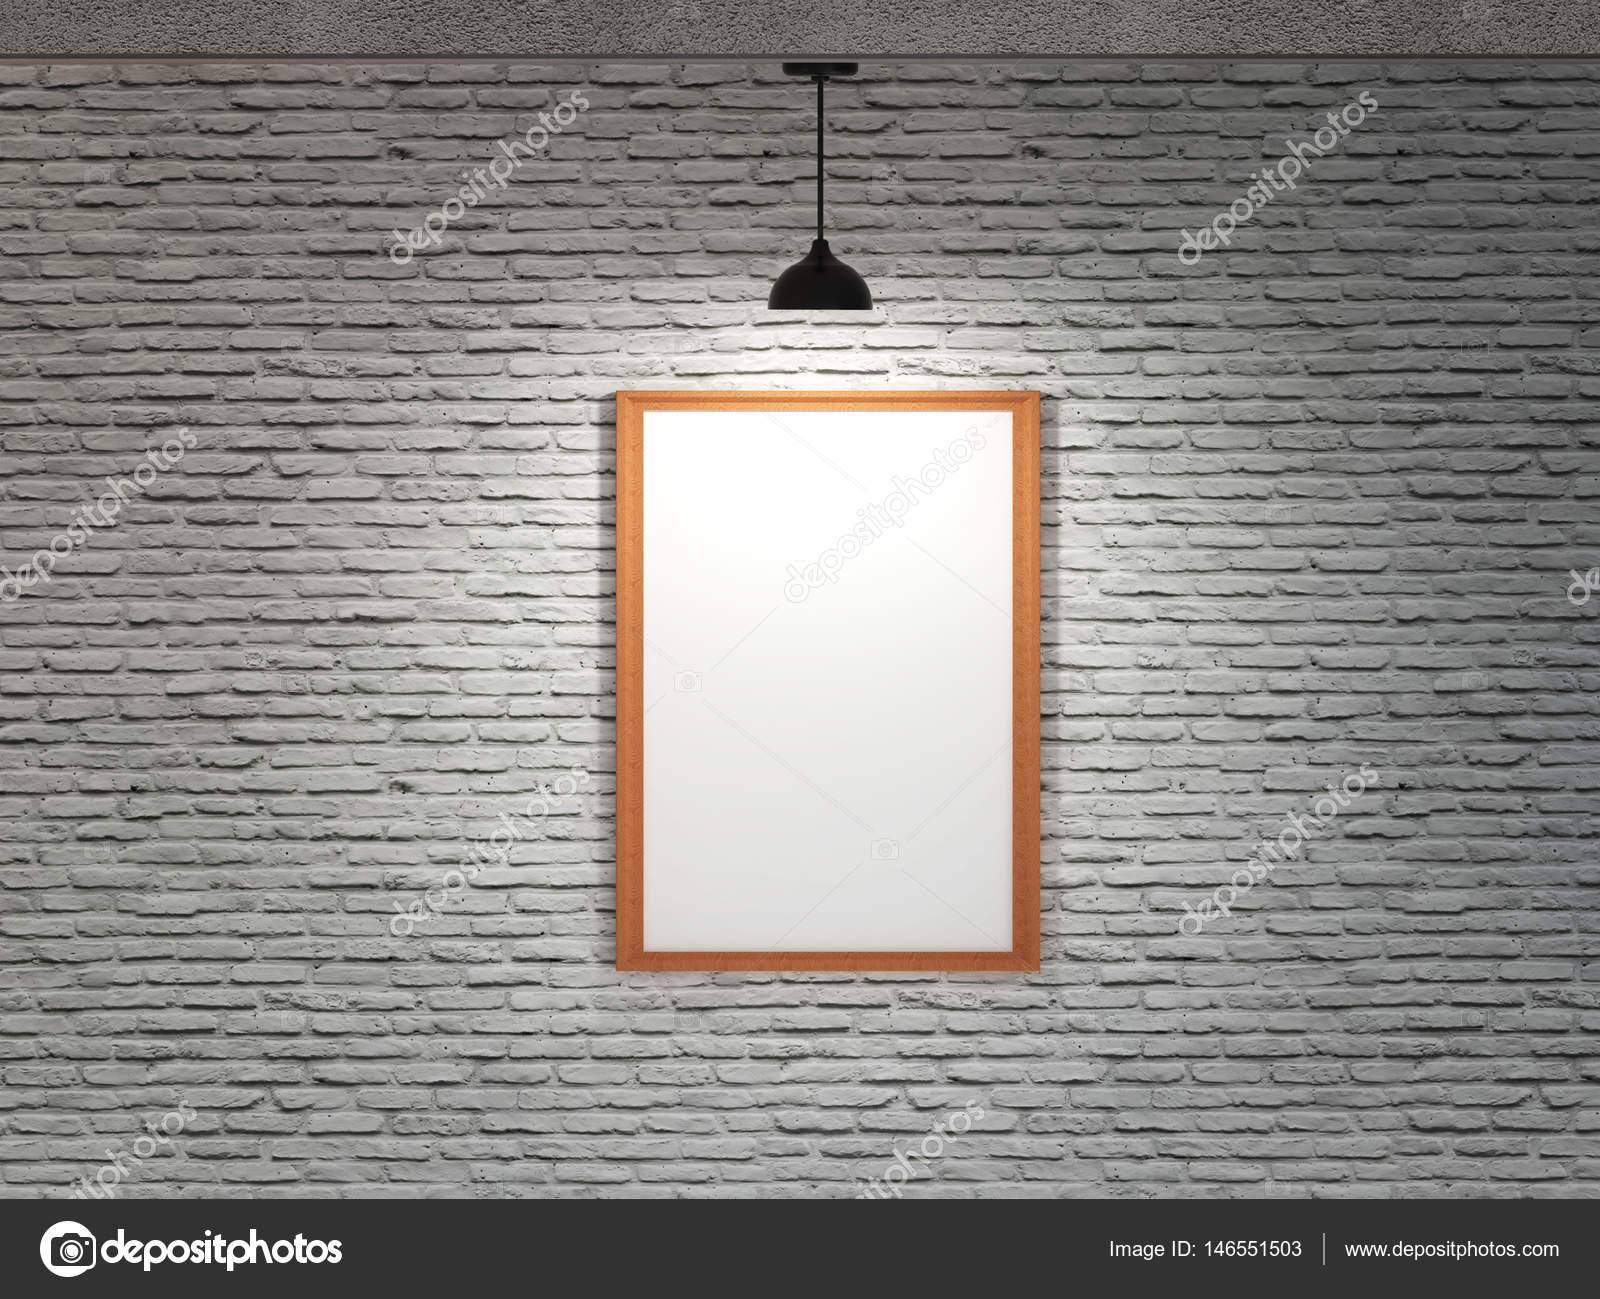 Weiße Tafel auf Ziegelwand mit Deckenleuchte — Stockfoto © bruesw ...